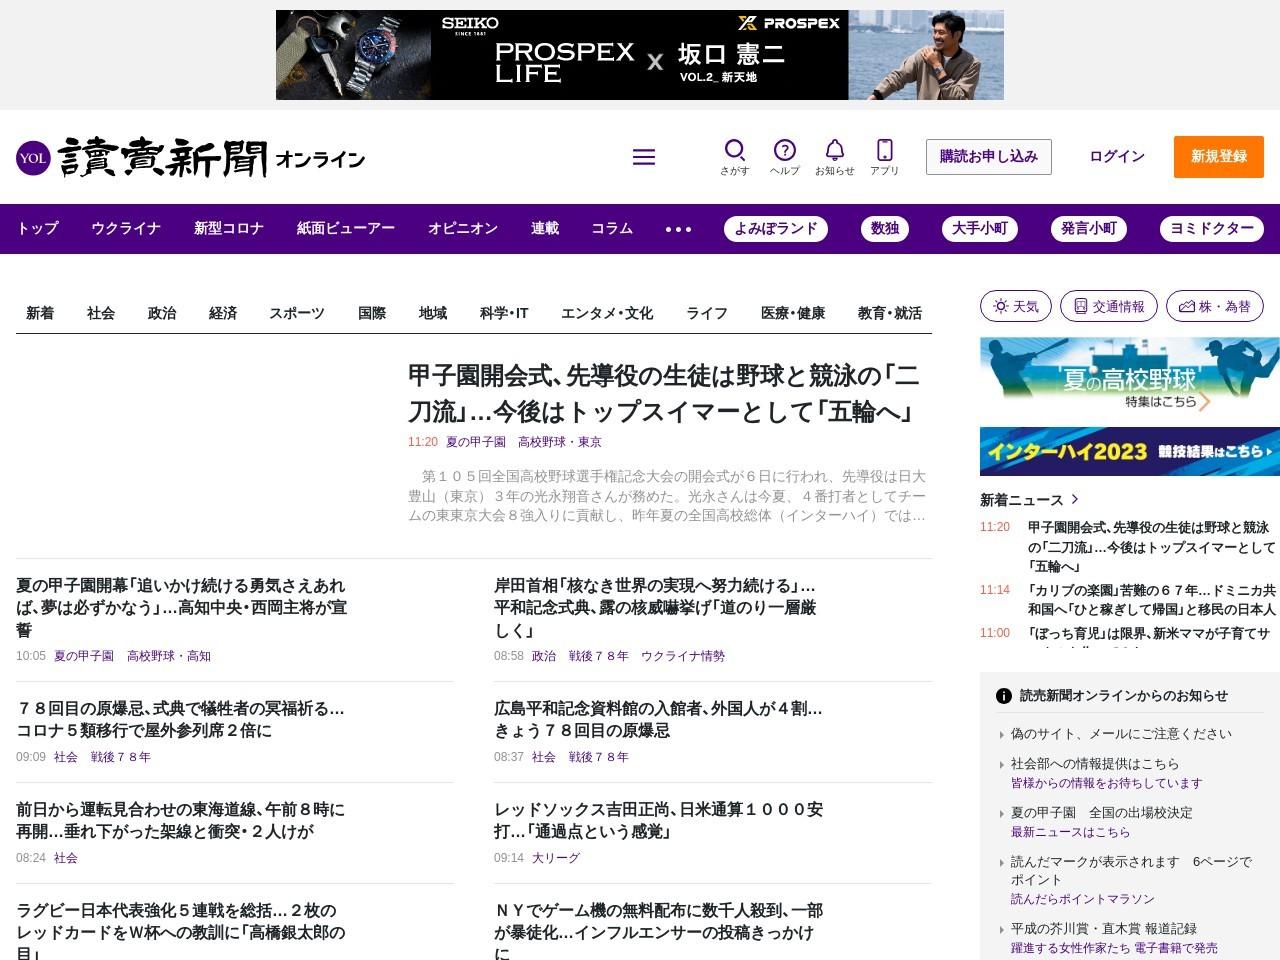 ルノー日産統合「日本政府が阻止関与」仏で報道 : 経済 : 読売新聞オンライン